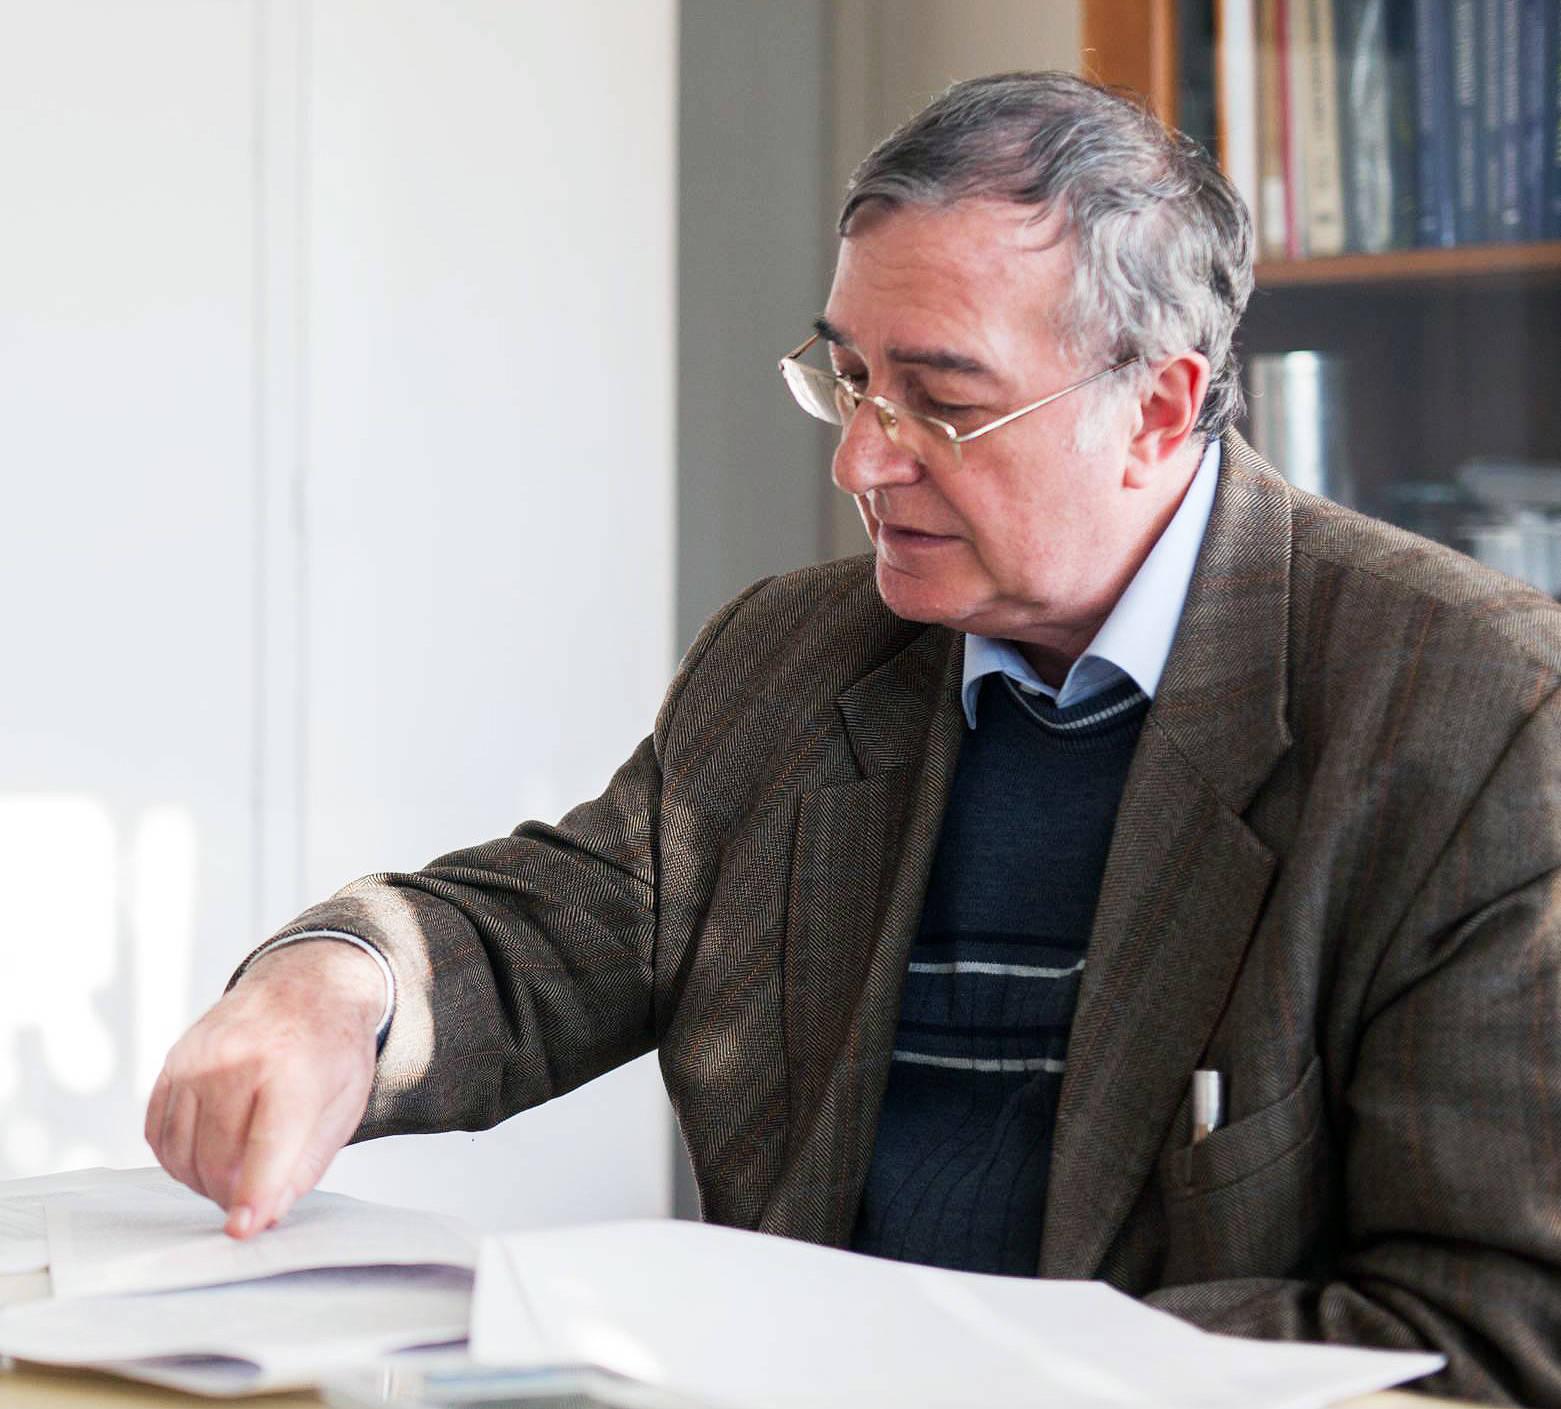 März 2020: Der Physiker Attila Krasznahorkay empfängt Besuch in seinem Büro am Atomki-Forschungsinstitut.